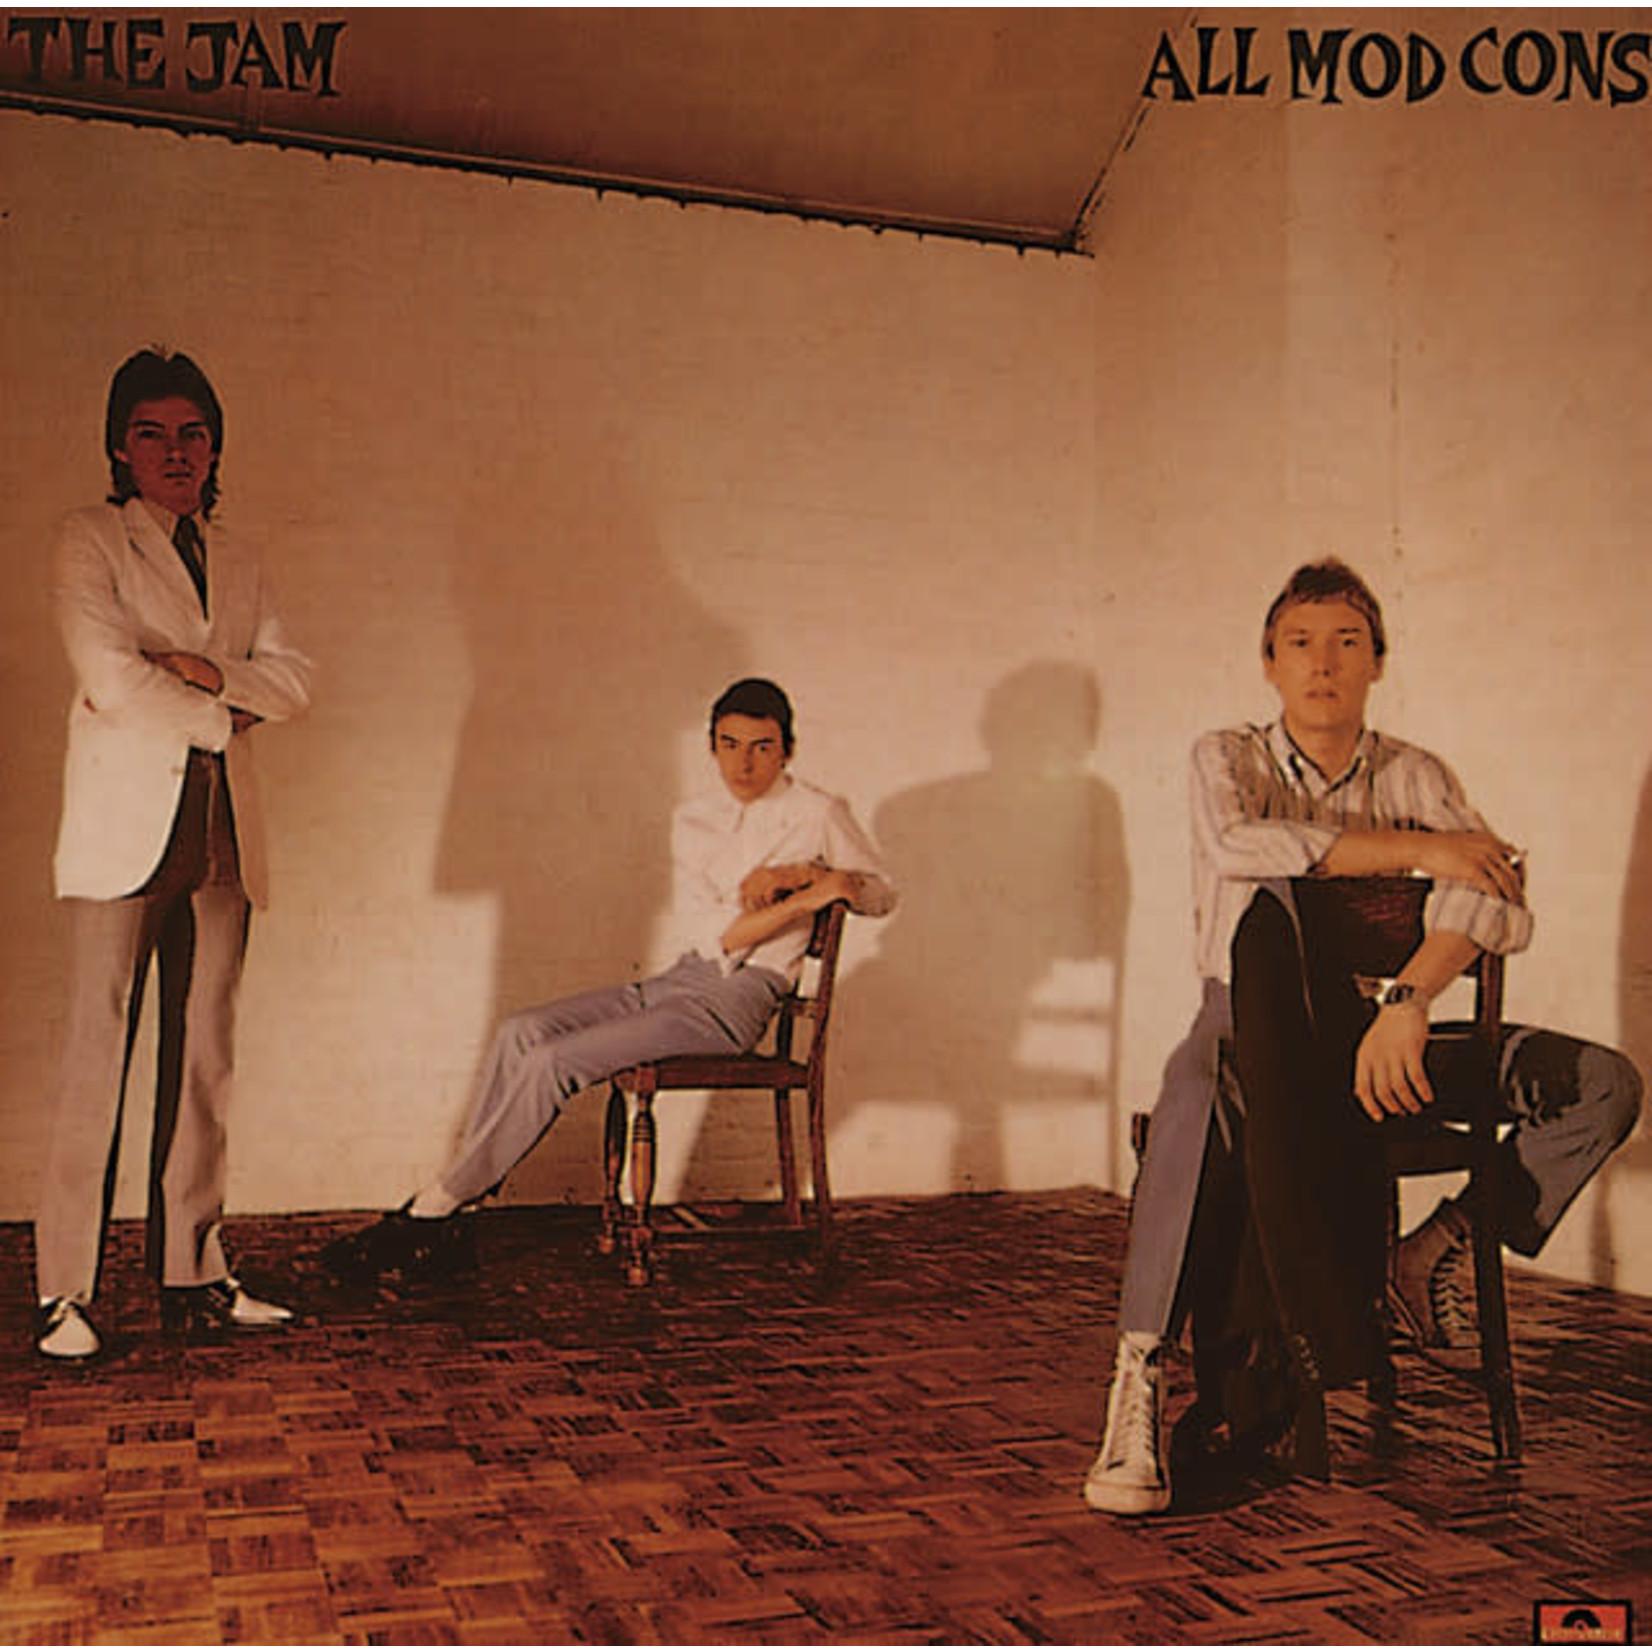 Vinyl The Jam - All Mod Cons